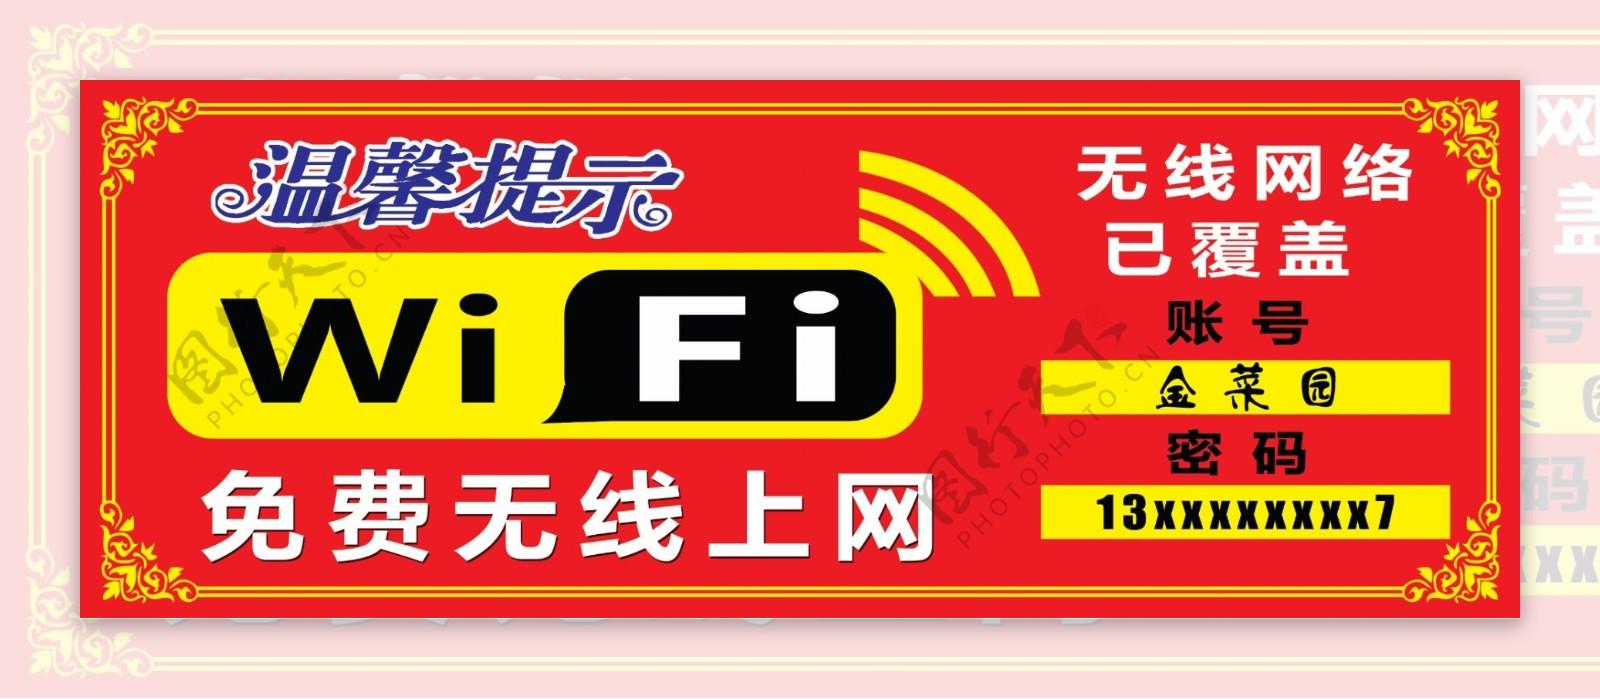 免费wifi免费上网